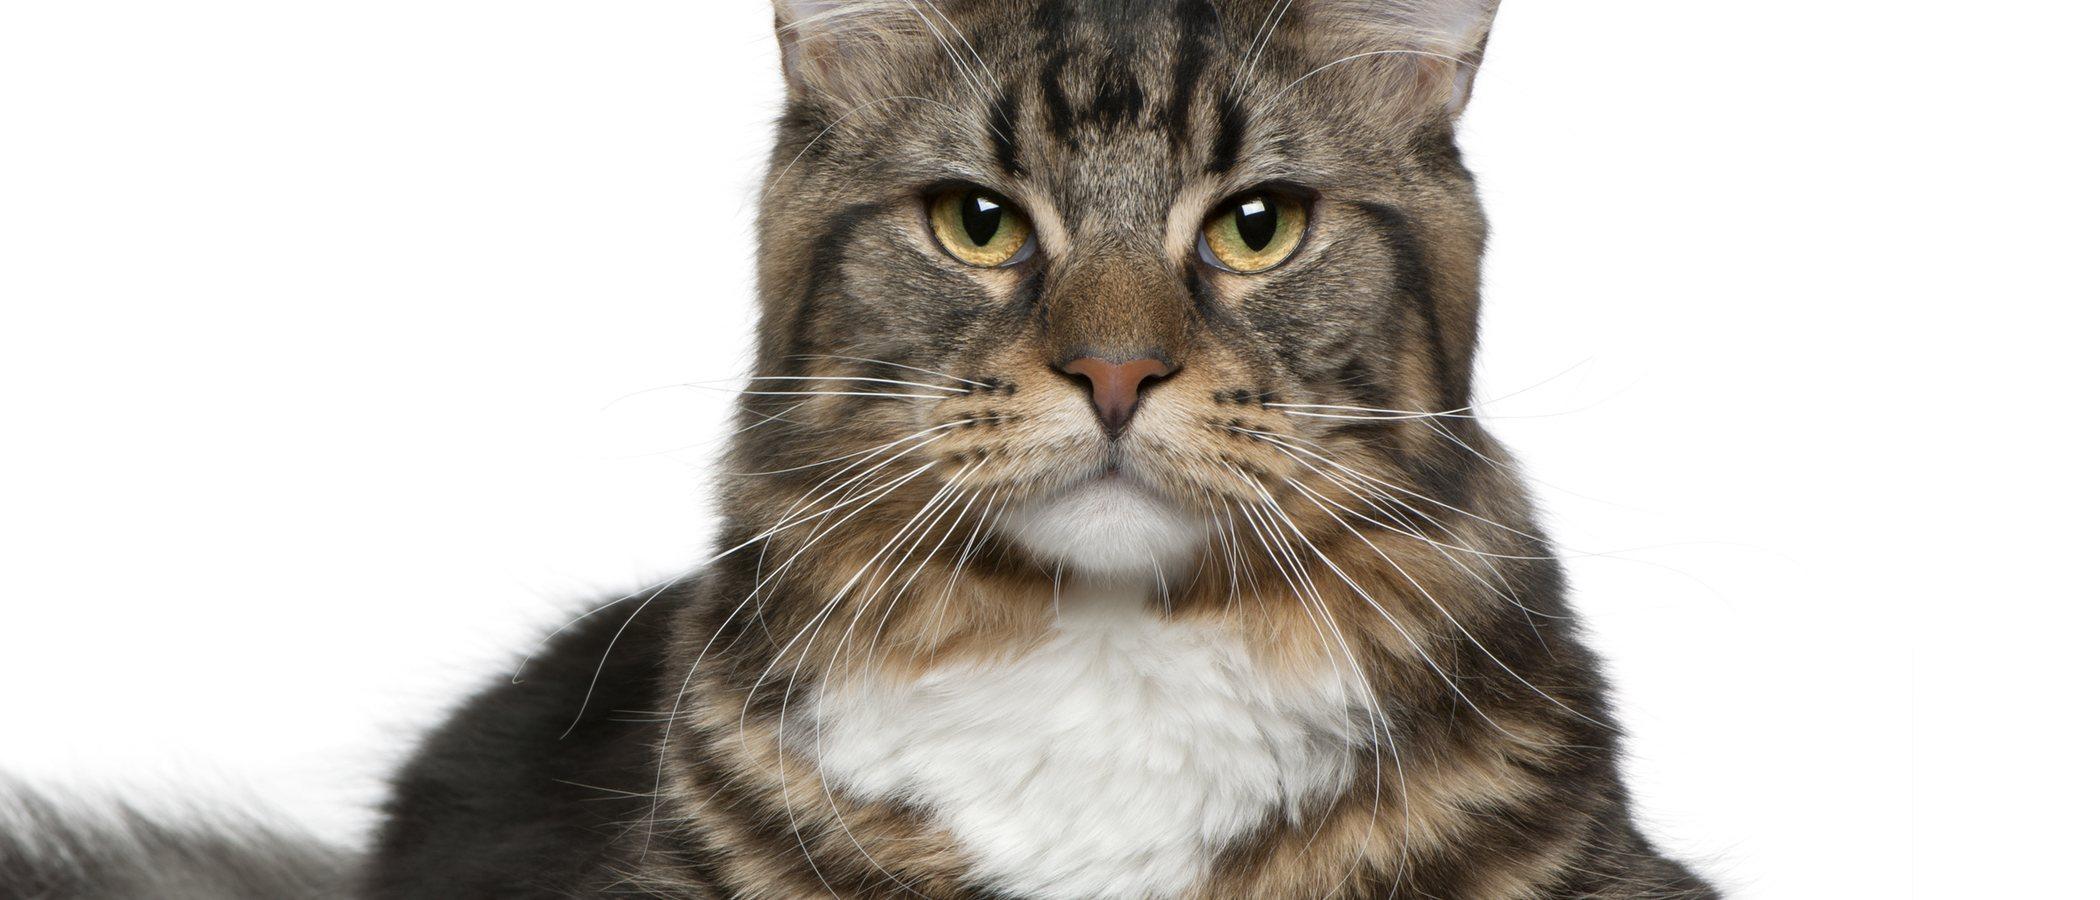 Demencia senil en gatos: síntomas y tratamientos